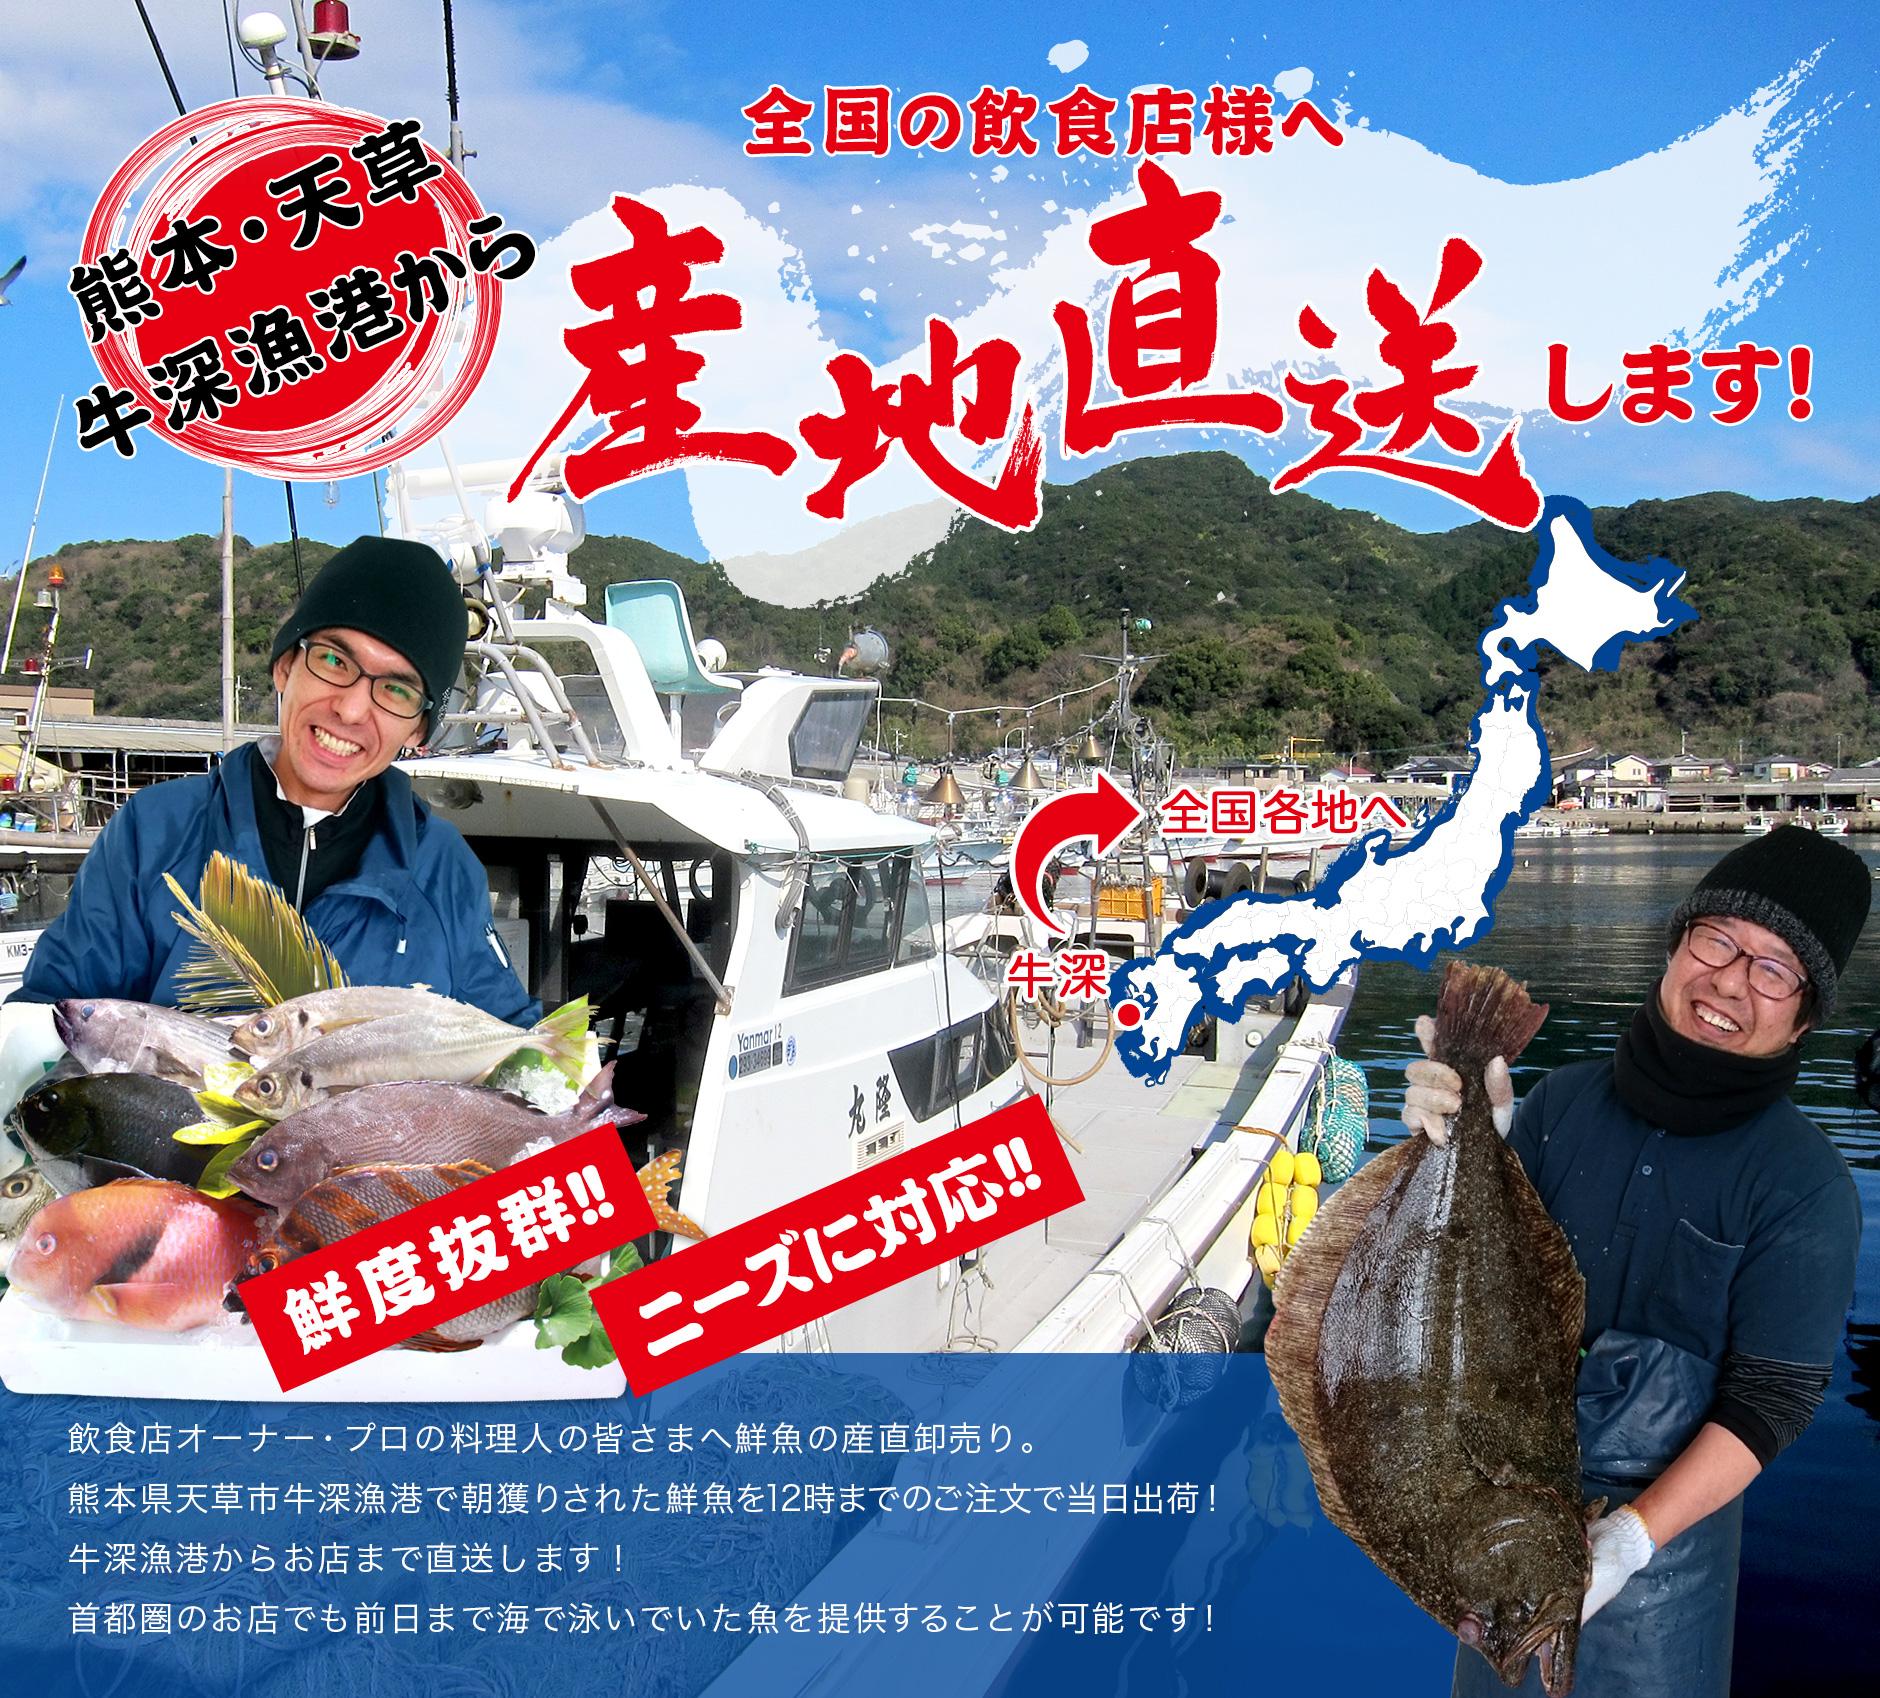 熊本・天草・牛深漁港から全国の飲食店様へ産地直送します!飲食店オーナー・プロの料理人の皆さまへ鮮魚の産直卸売り。熊本県天草市牛深漁港で朝獲りされた鮮魚を12時までのご注文で当日出荷!牛深漁港からお店まで直送します!首都圏のお店でも前日まで海で泳いでいた魚を提供することが可能です!